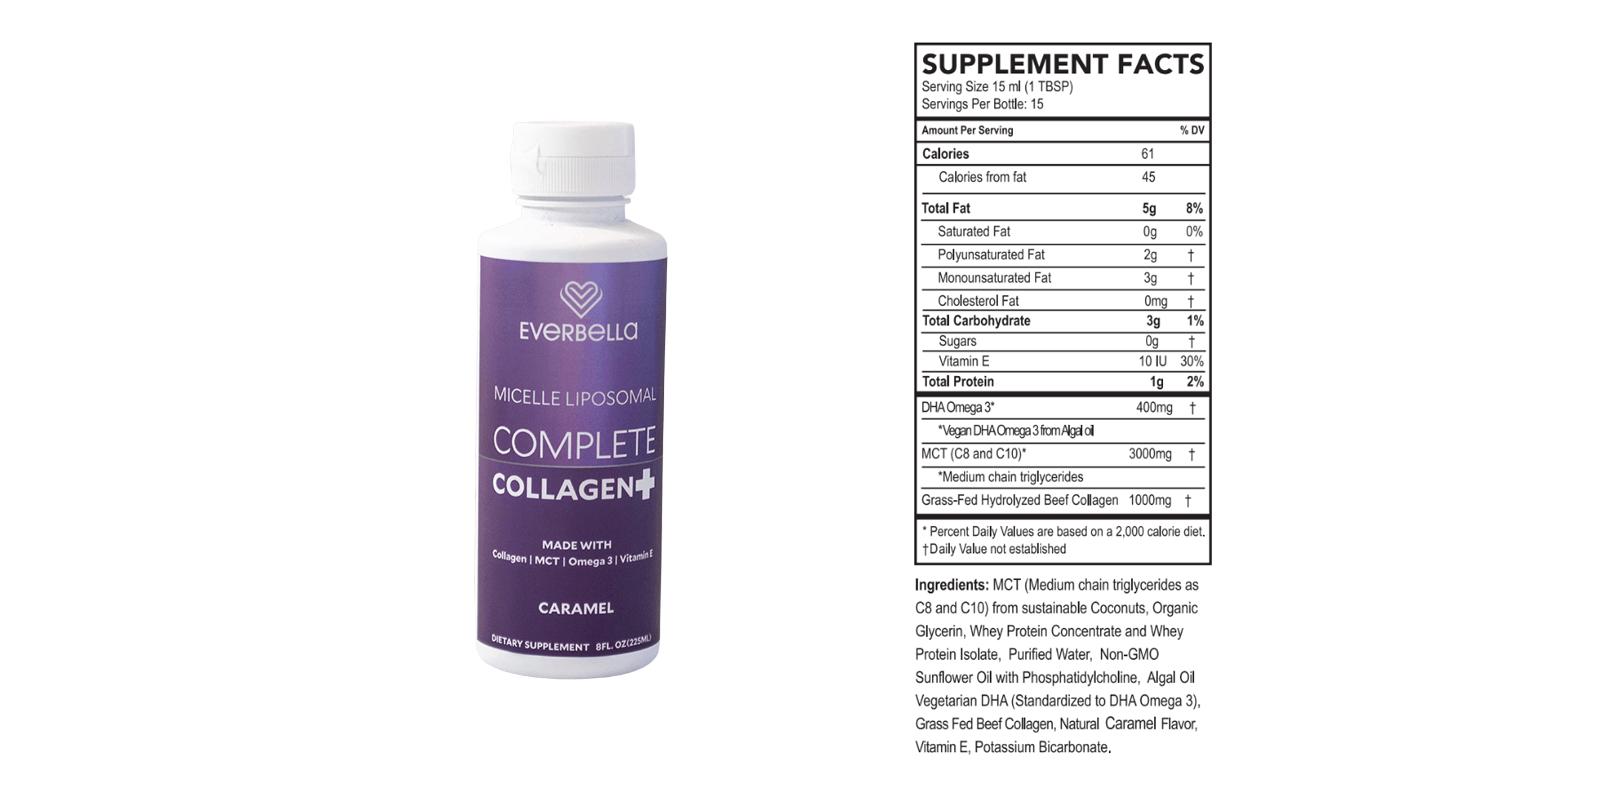 Complete Collagen dosage